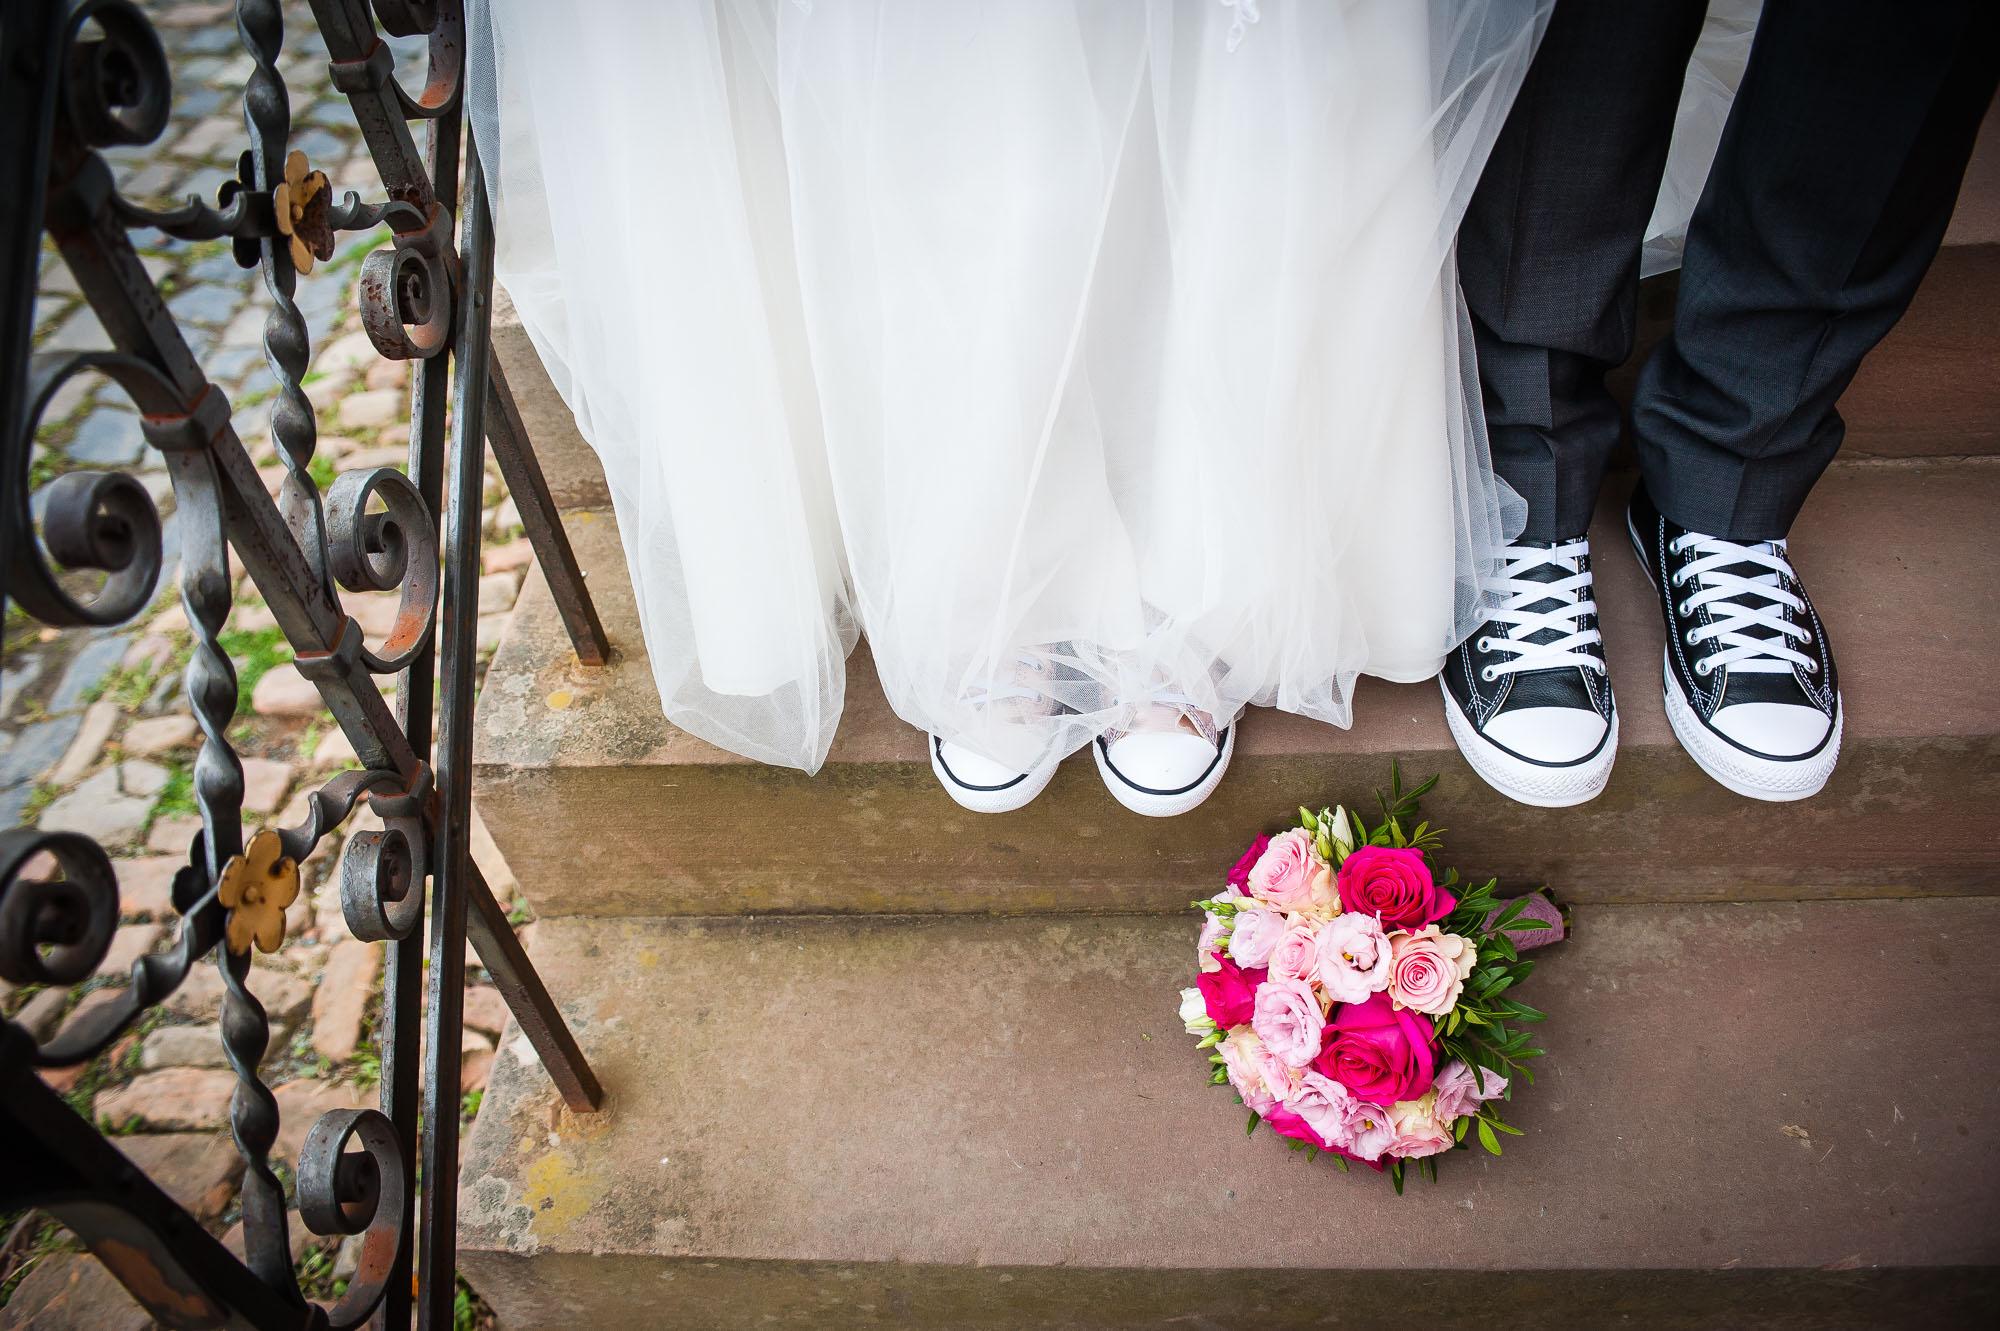 Hochzeit NadineKai 10 2017 B2000 226531 - Strickroth & Fiege Fotografie